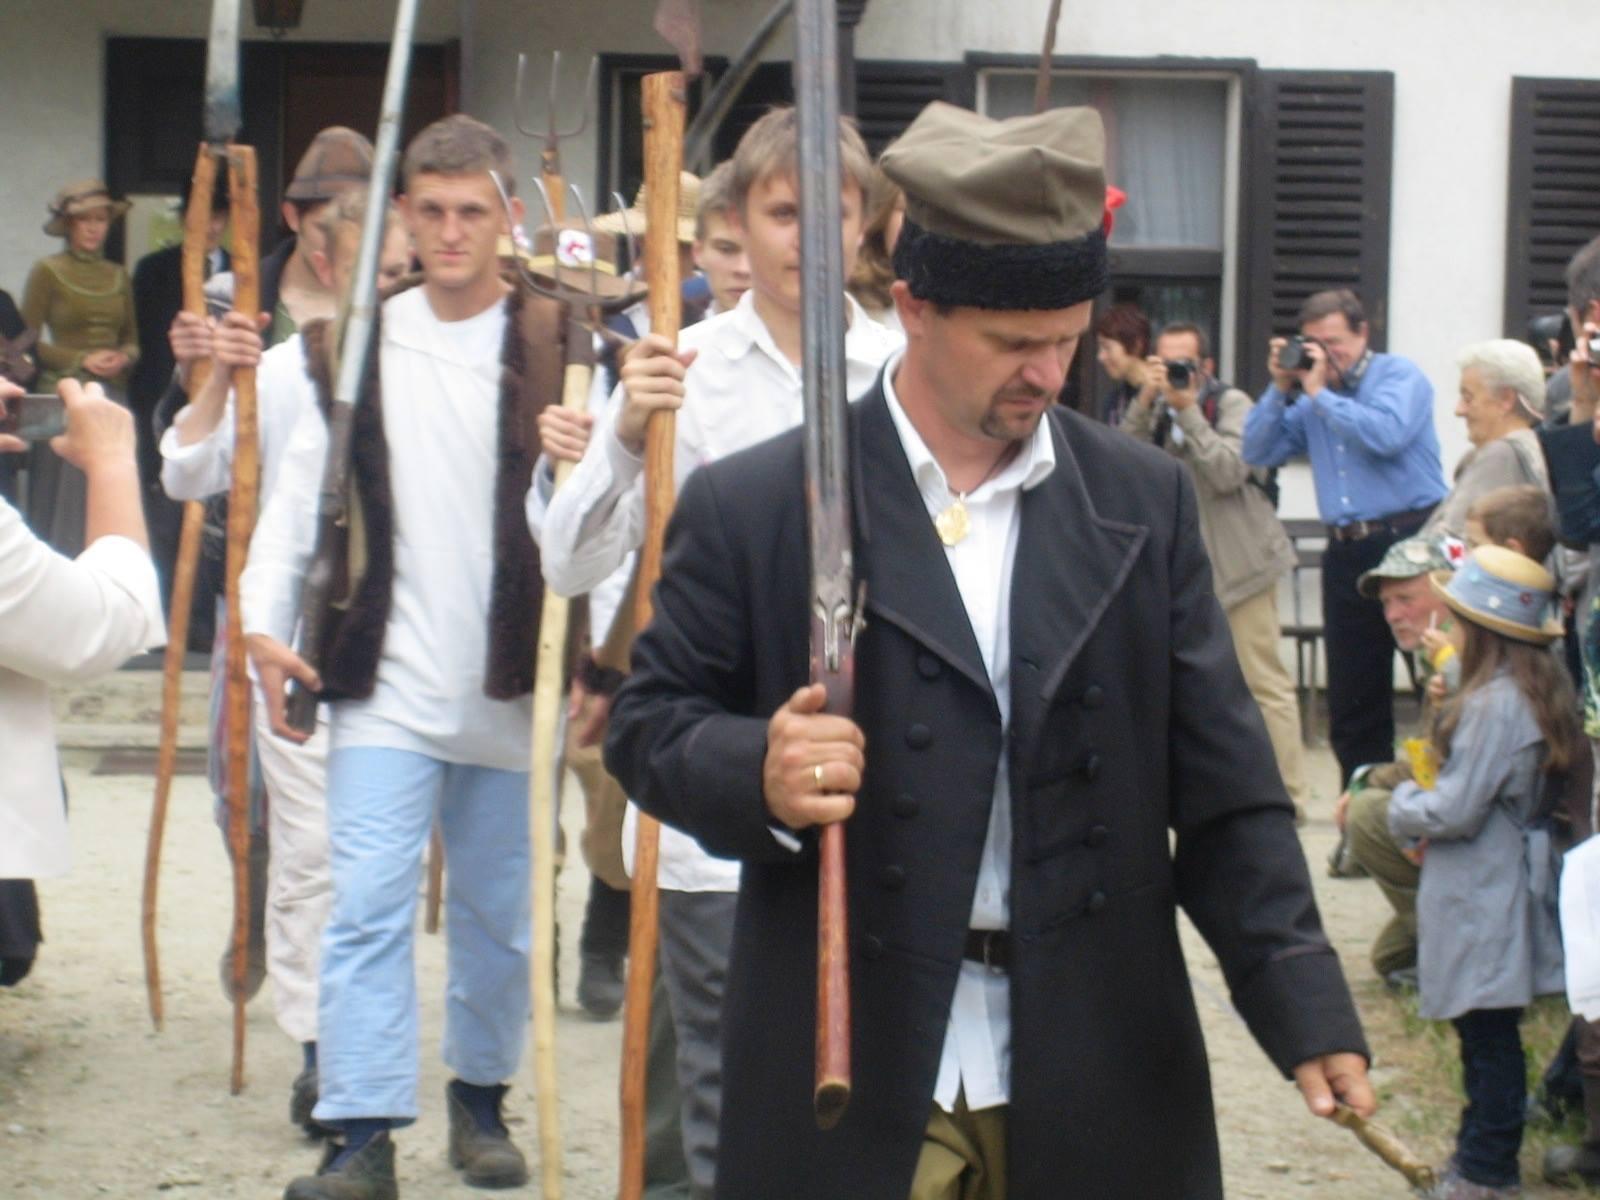 Niedziela u Niechciców Russów - Niedziela u Niechciców Facebook